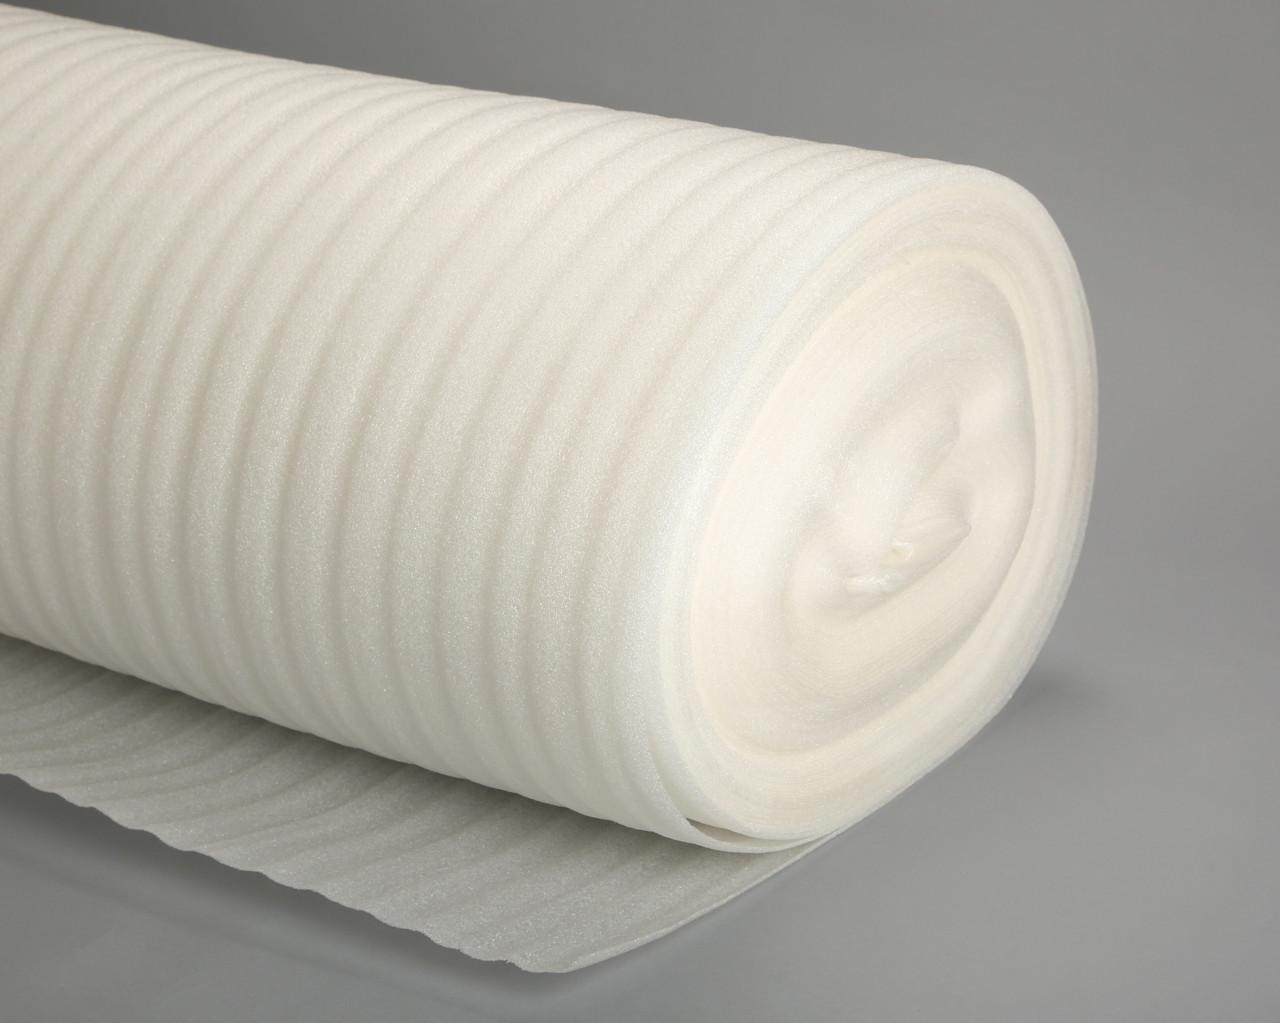 Гемафон 8мм с липким слоем (вспененный полиэтилен)